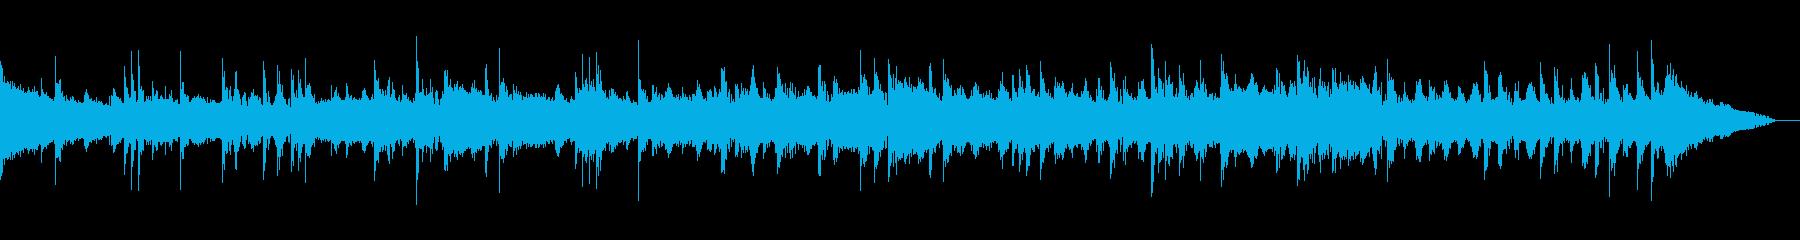 ゴールデントライアングルパワフルテ...の再生済みの波形